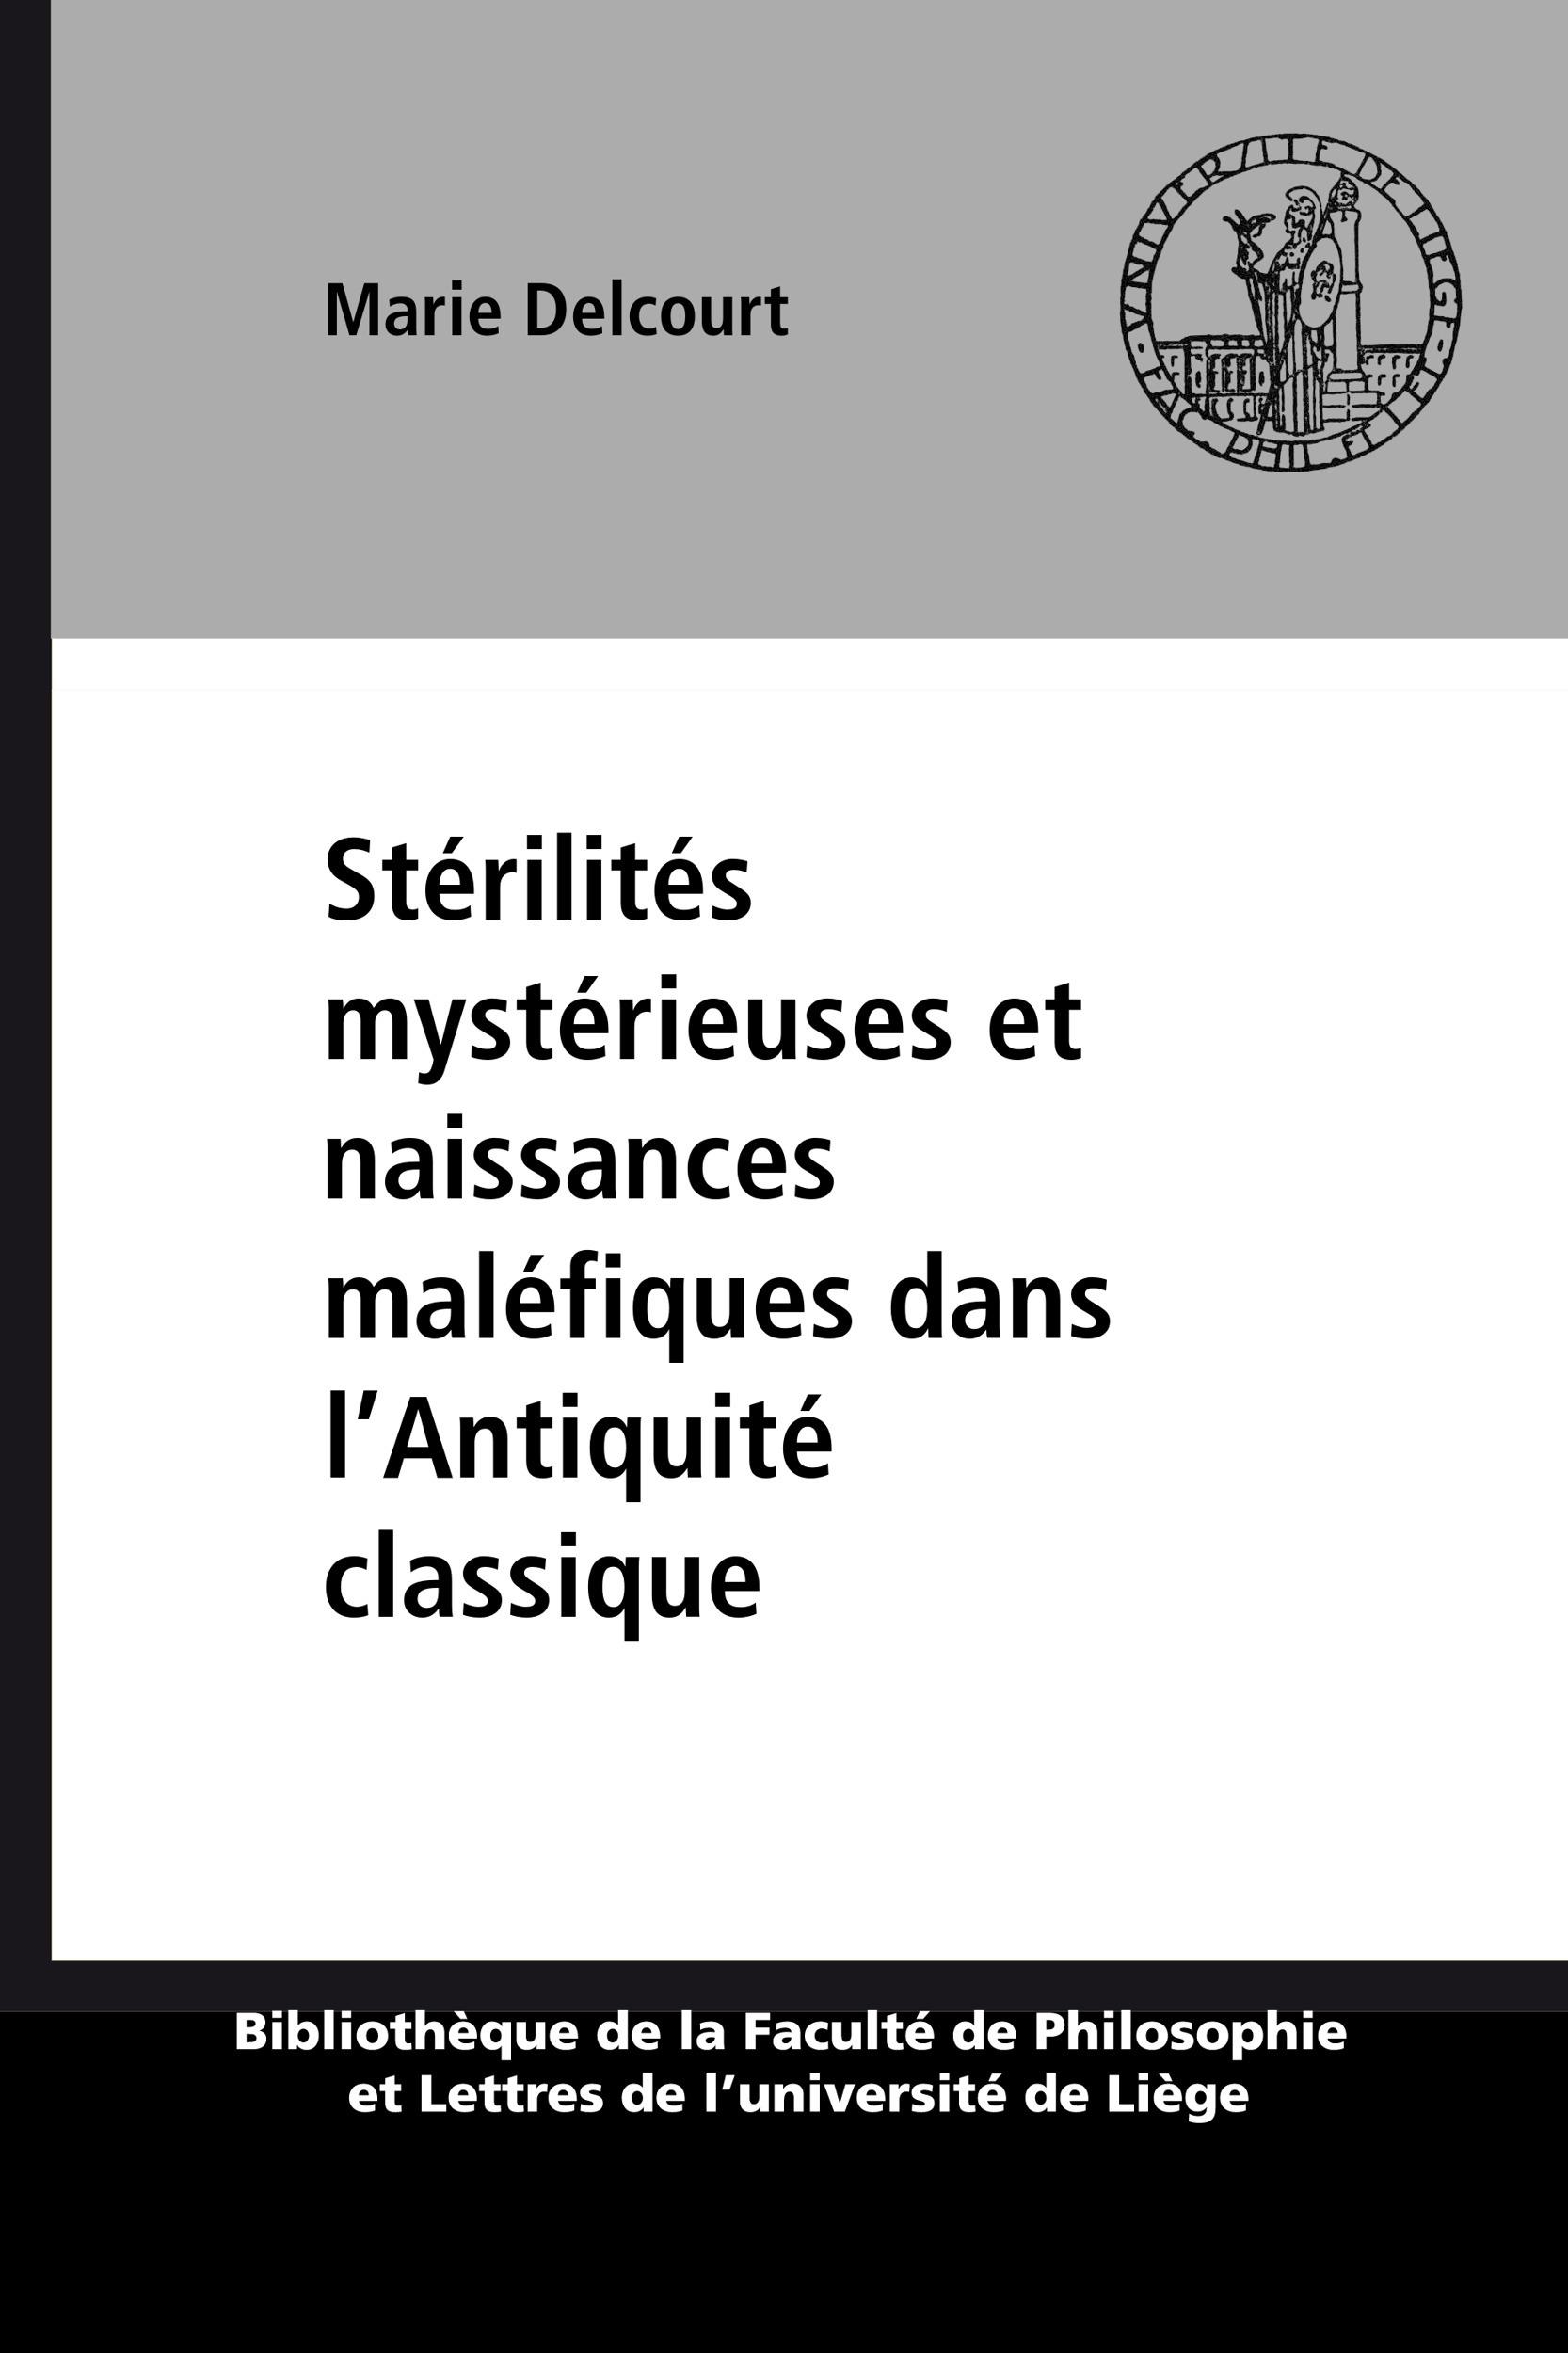 Sterilites mysterieuses et naissances malefiques dans l'antiquite classique